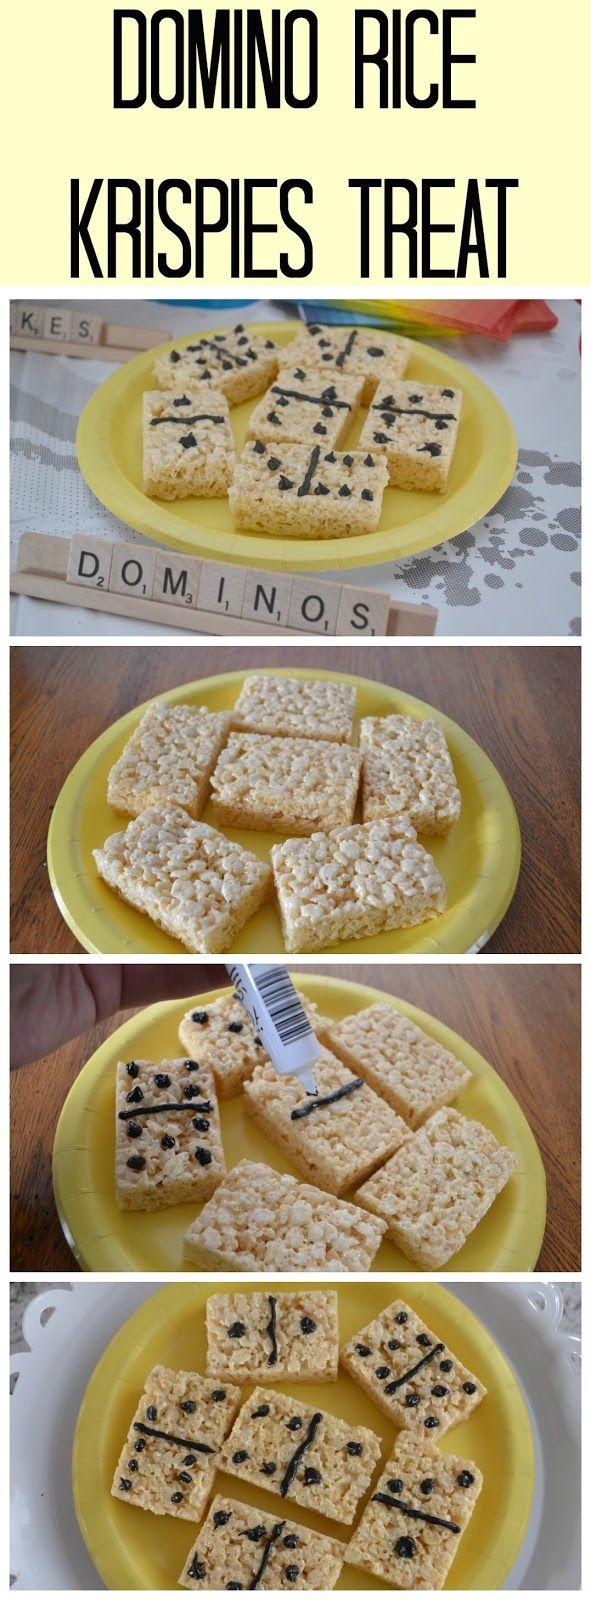 Rice Krispies Dominoes